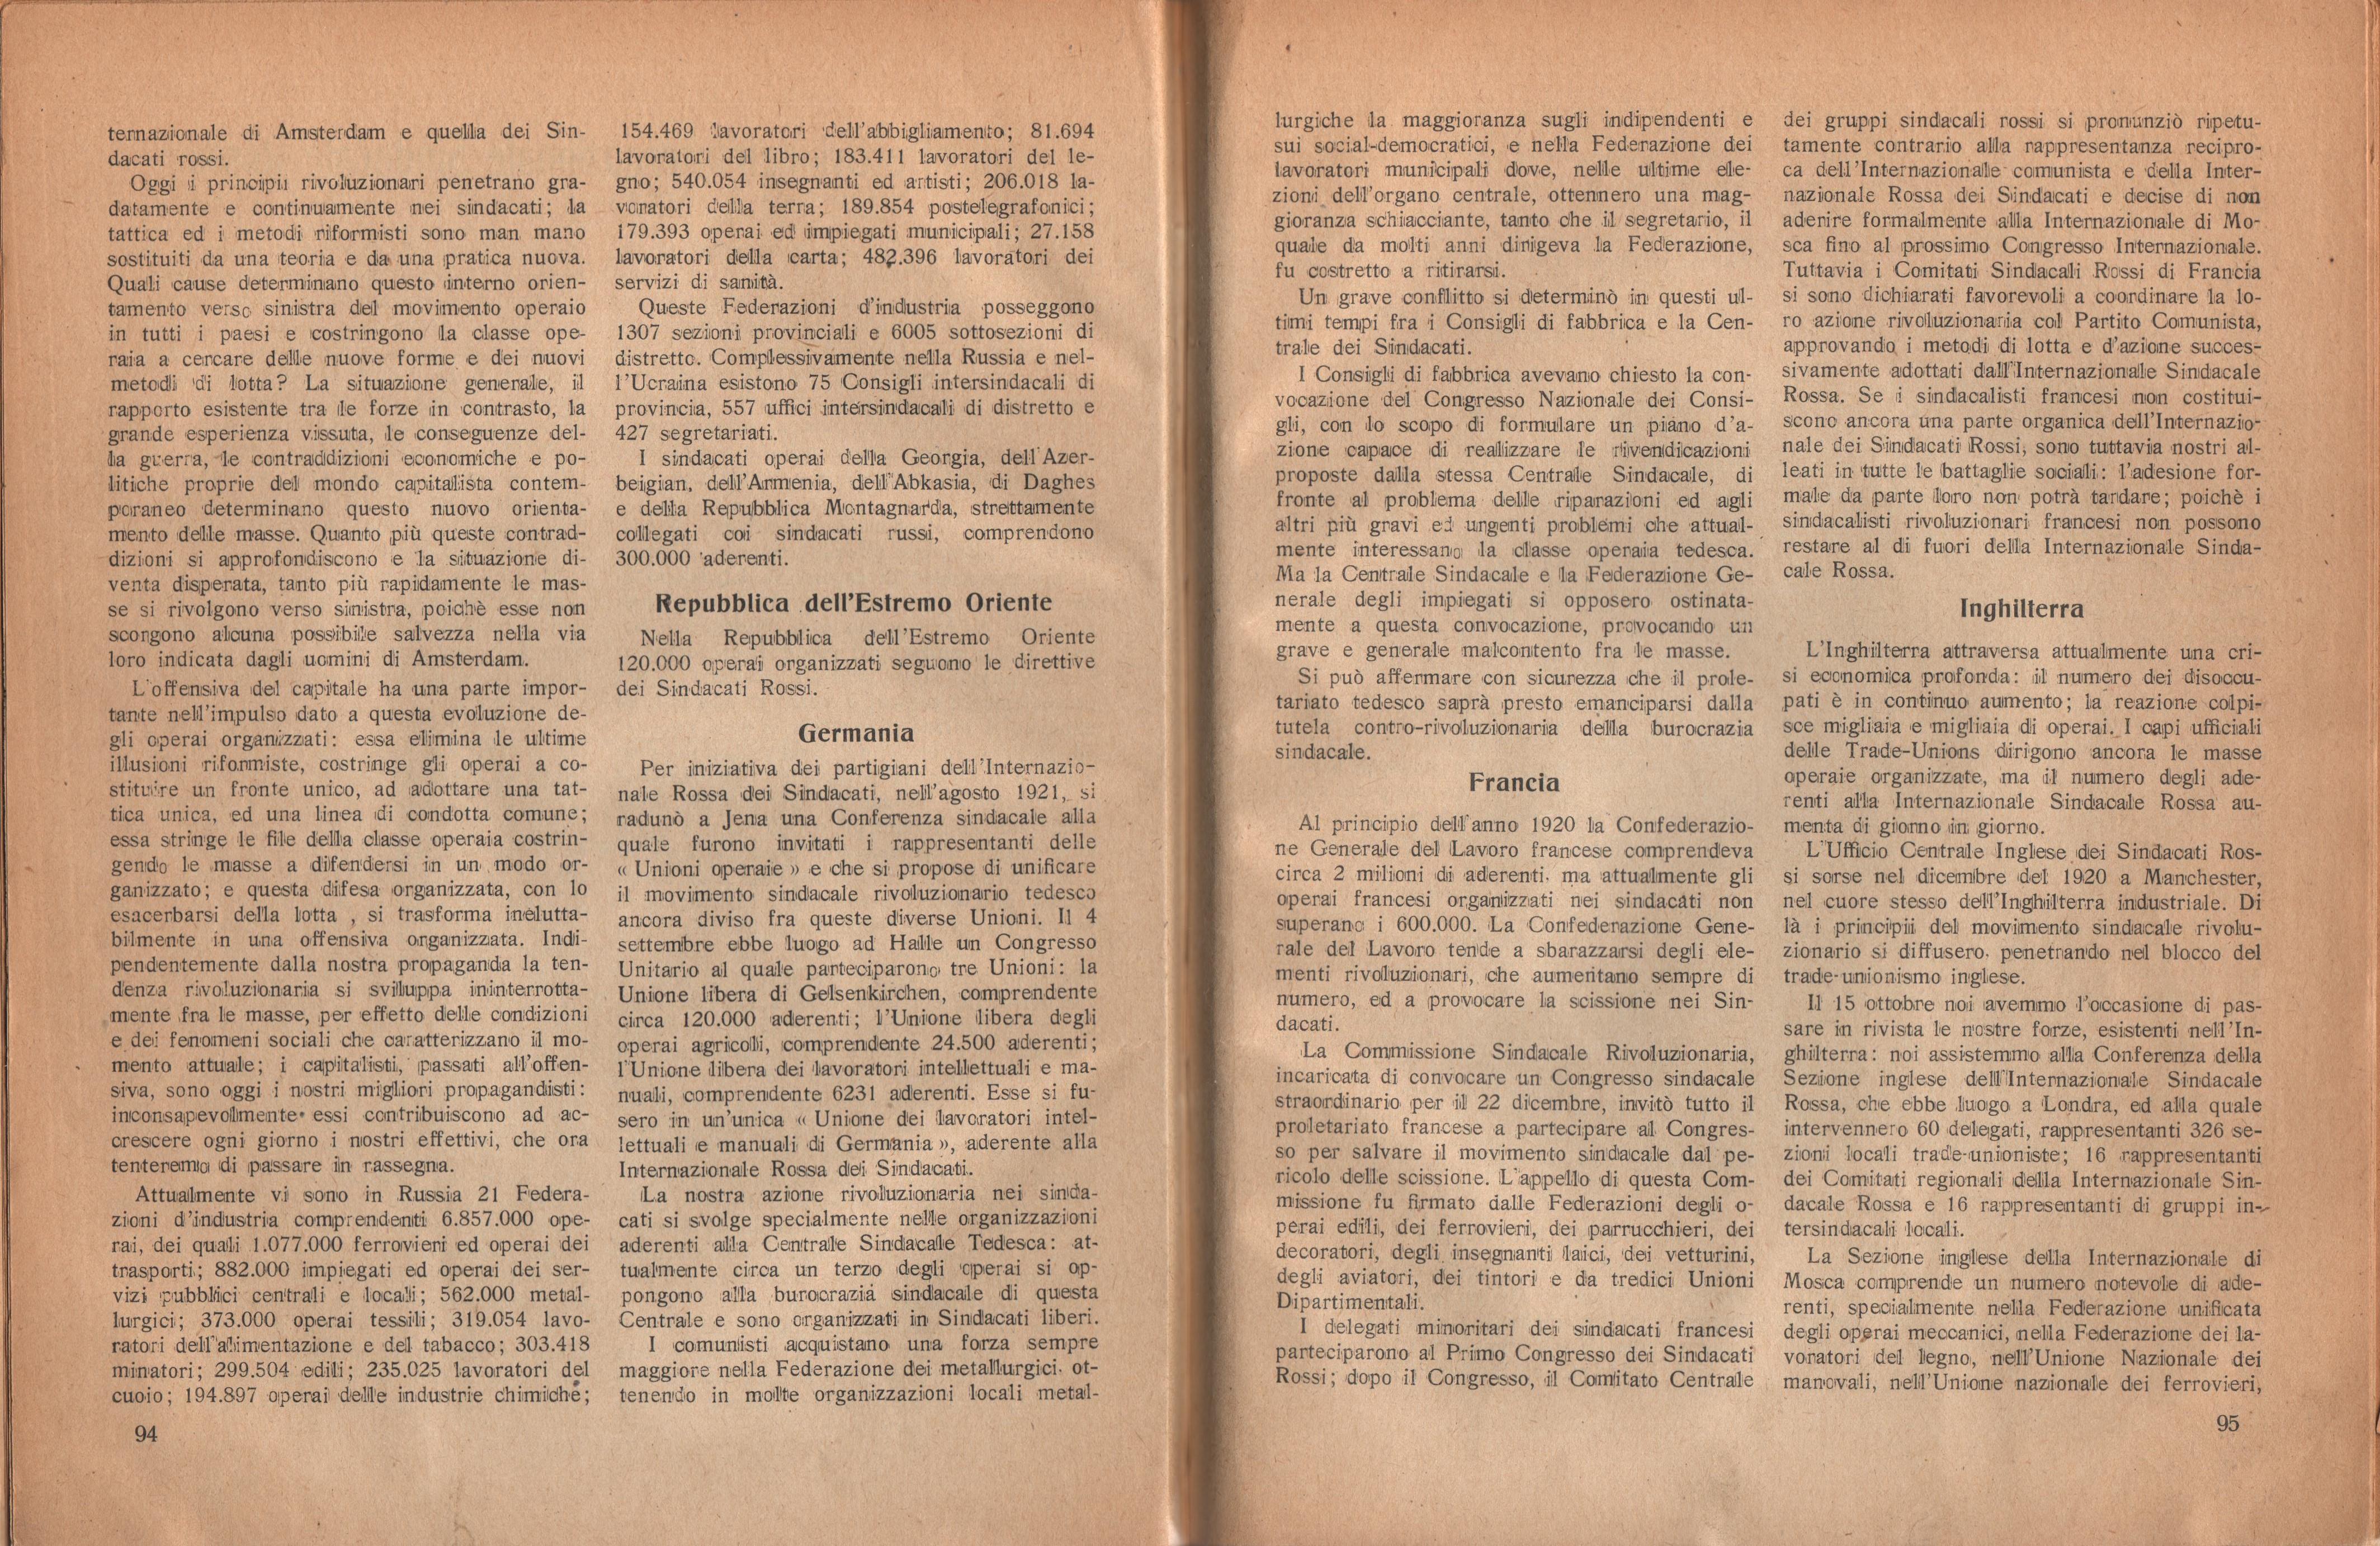 Almanacco comunista 1922 - pag. 56